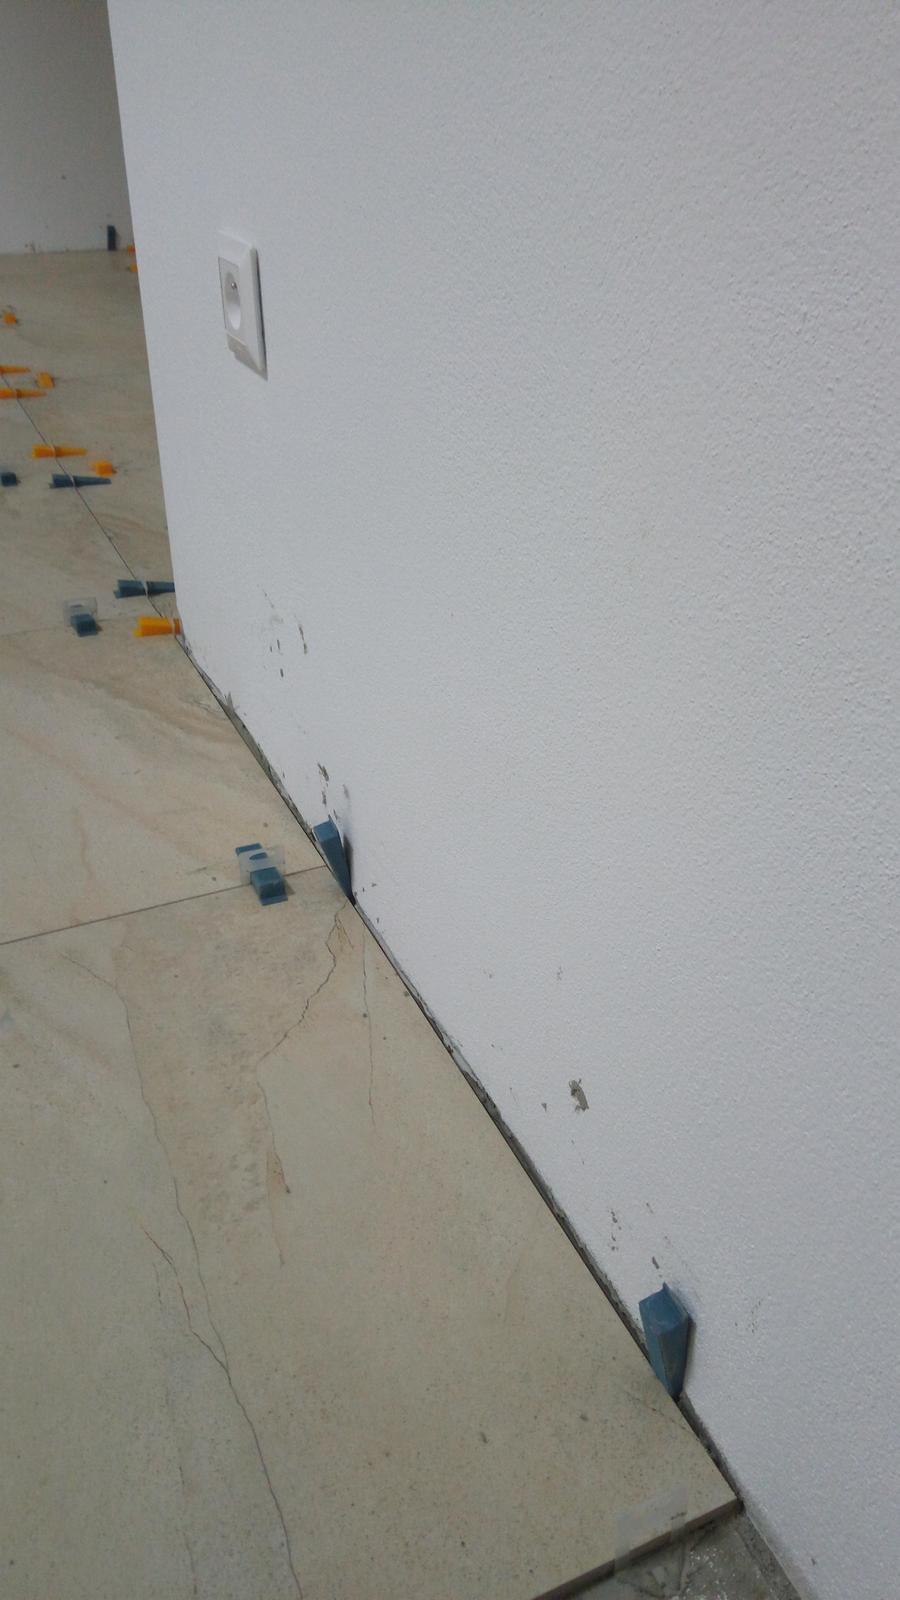 Obklady sami - Začali sme od stredu a dostali sme sa presne k stene. Tu na rohu je veľa omietky preto sme natesno.